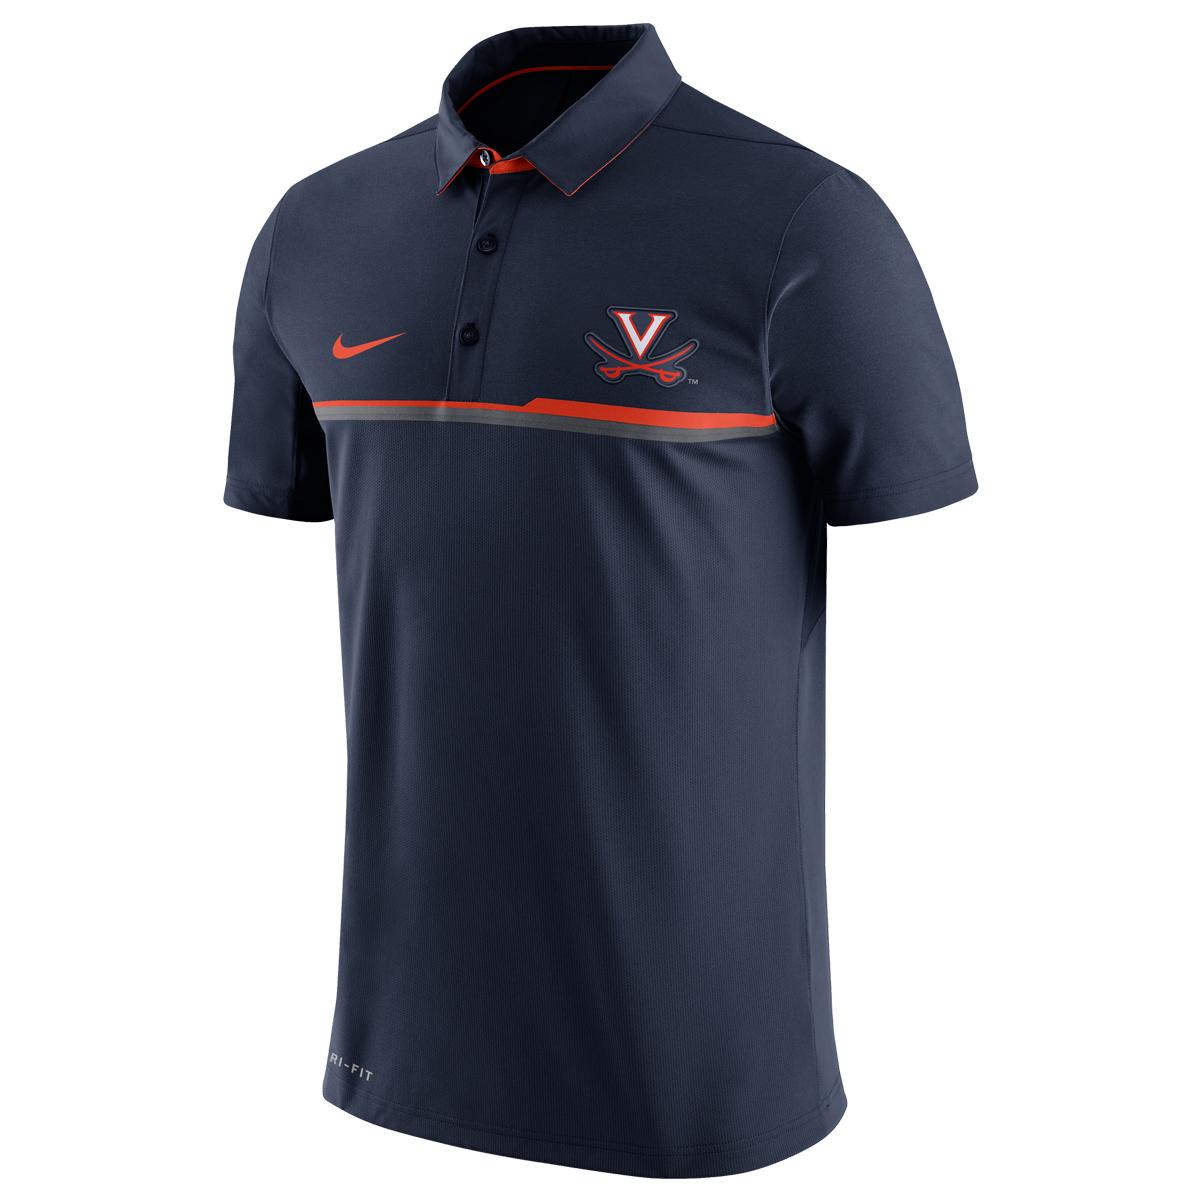 NIKE UVA Elite Polo